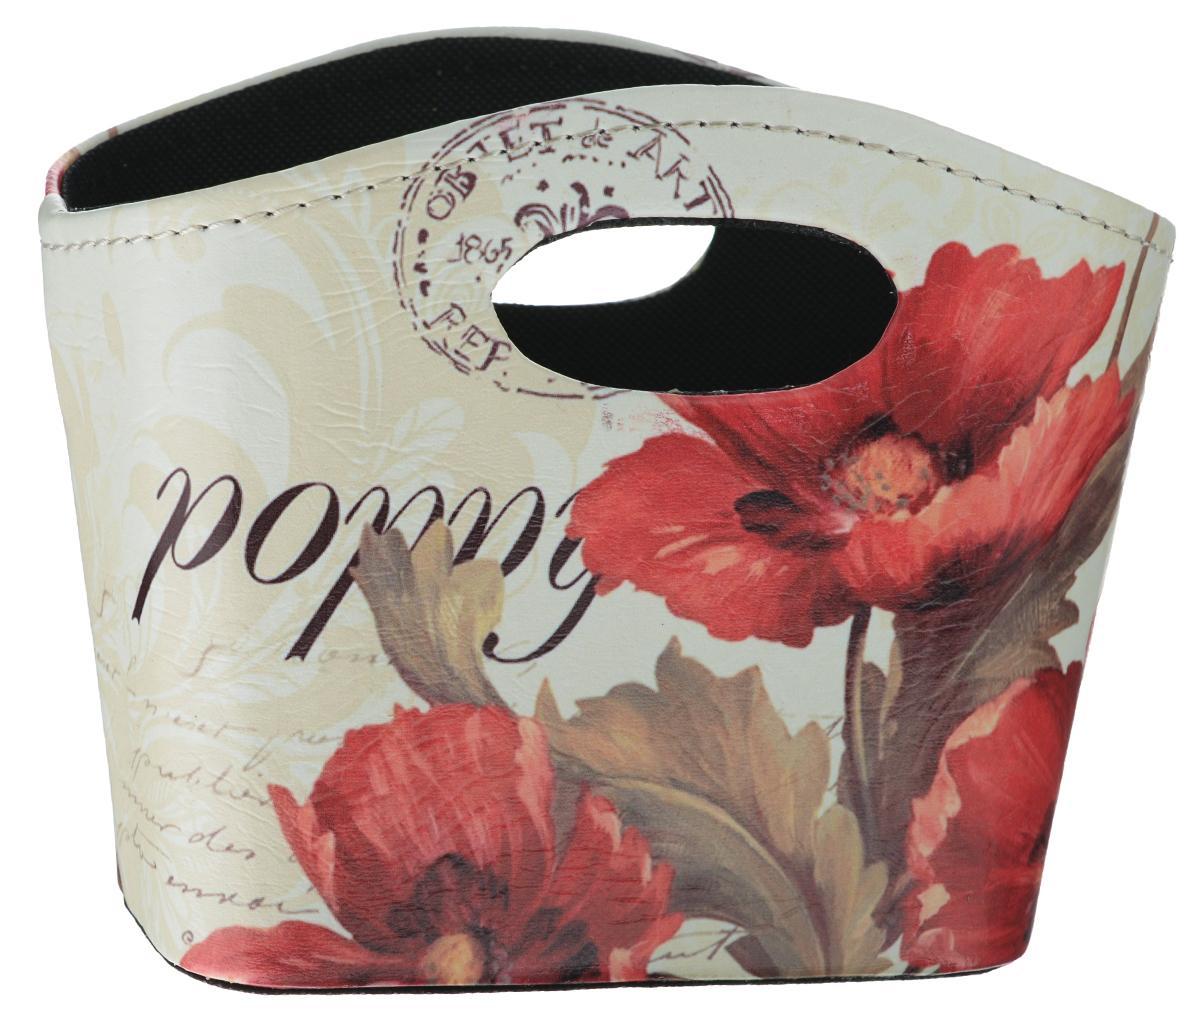 Сумка для хранения El Casa Маки, 20 х 11 х 16 смCLP446Интерьерная сумка El Casa Маки, выполненная из МДФ, текстиля и искусственной кожи, понравится всем ценителям оригинальных вещей. Благодаря прекрасному дизайну и необычной форме, такая сумка будет отлично смотреться в вашей гостиной или коридоре. В ней можно хранить всевозможные мелочи: расчески, заколки, журналы или газеты. Сумка El Casa Маки станет отличным подарком для ваших друзей и близких.